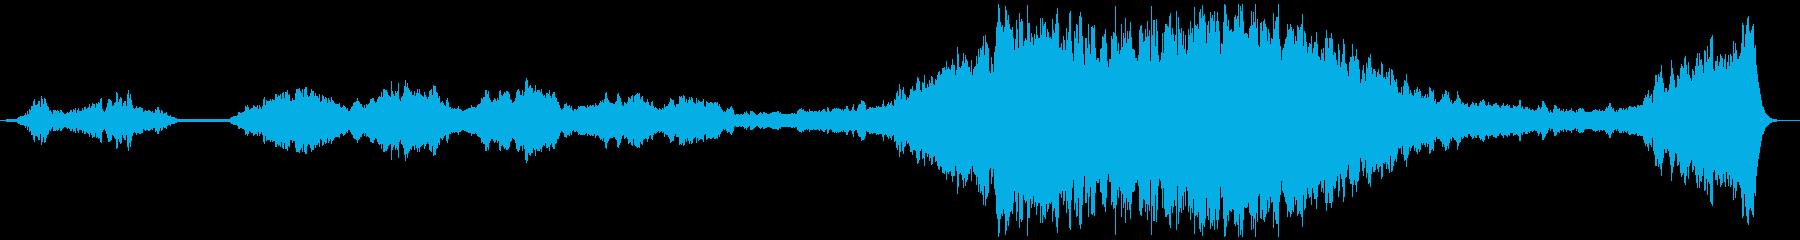 「そんなのつらすぎる」っていう弦楽BGMの再生済みの波形